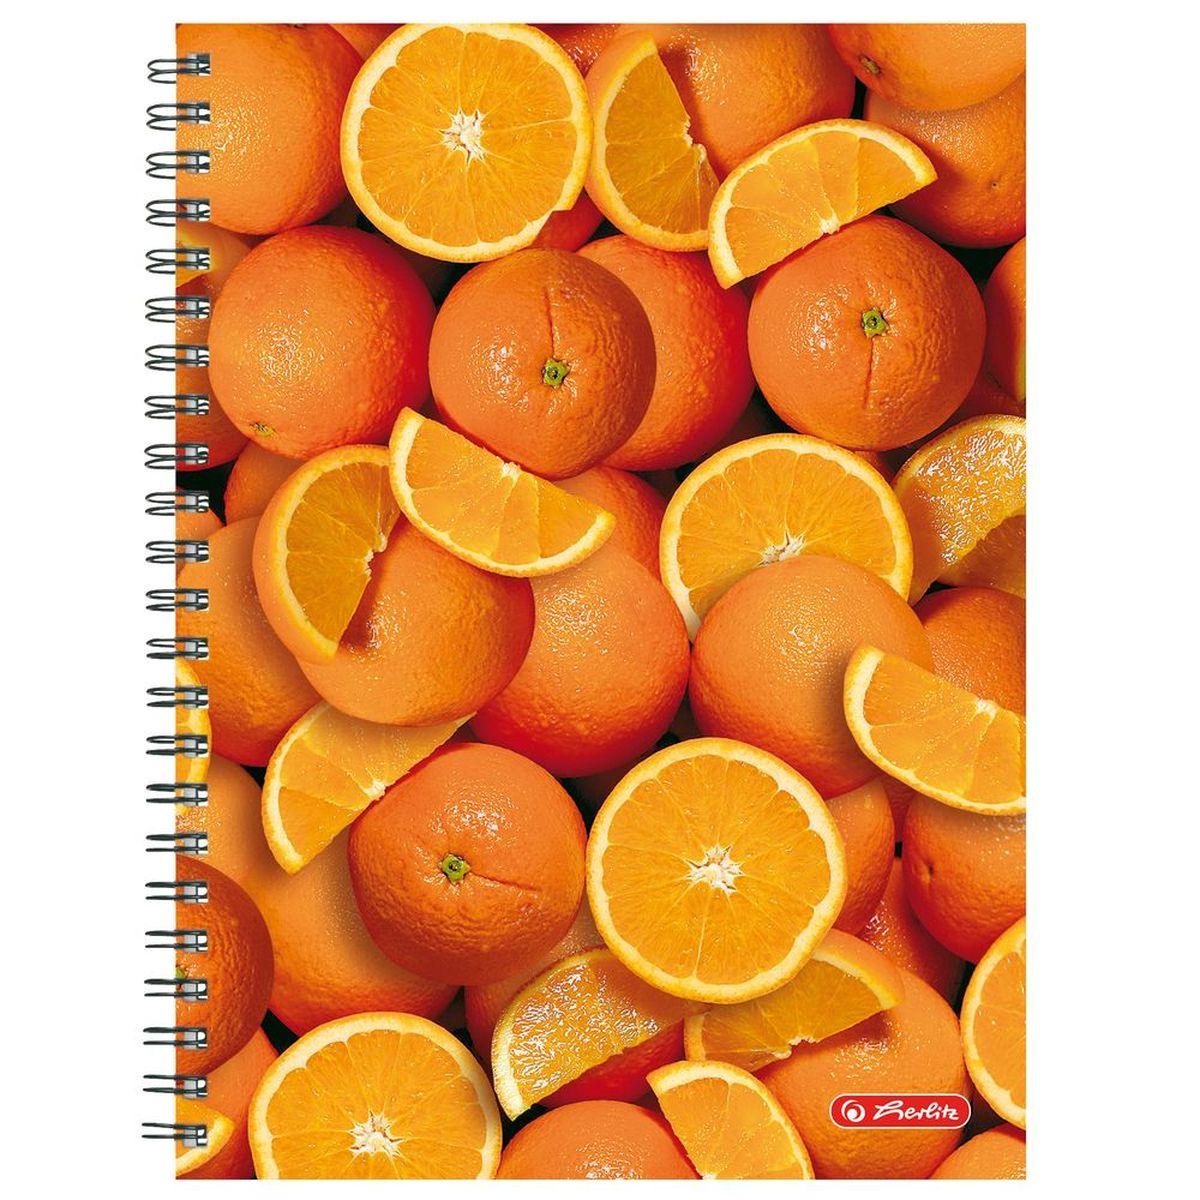 Herlitz Тетрадь Апельсины 70 листов в клетку формат А4730396Удобная тетрадь Herlitz Апельсины - незаменимый атрибут современного человека, необходимый для рабочих или школьных записей.Тетрадь содержит 70 листов формата А4 в клетку без полей со внутренней разделительной полосой. Обложка выполнена из качественного ламинированного картона с ярким фруктовым дизайном. Внутренний спиральный блок изготовлен из металла и гарантирует надежное крепление листов.Тетрадь для записей Herlitz Апельсины станет достойным аксессуаром среди ваших канцелярских принадлежностей. Это отличный подарок как коллеге или деловому партнеру, так и близким людям.